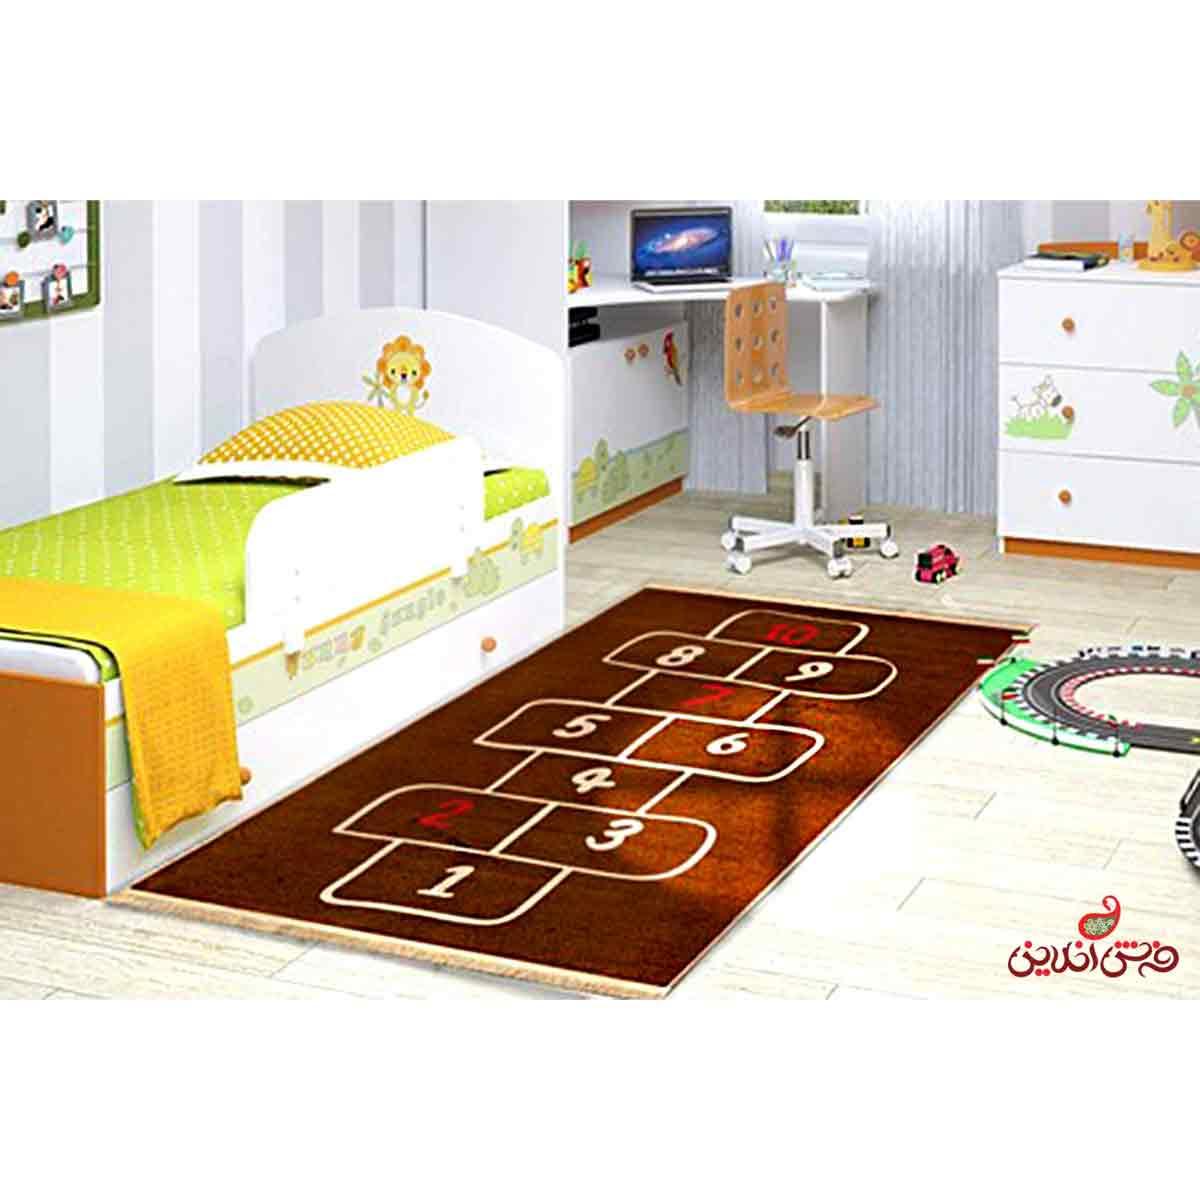 فرش ماشینی کودک کلاریس طرح لی لی کد 100206